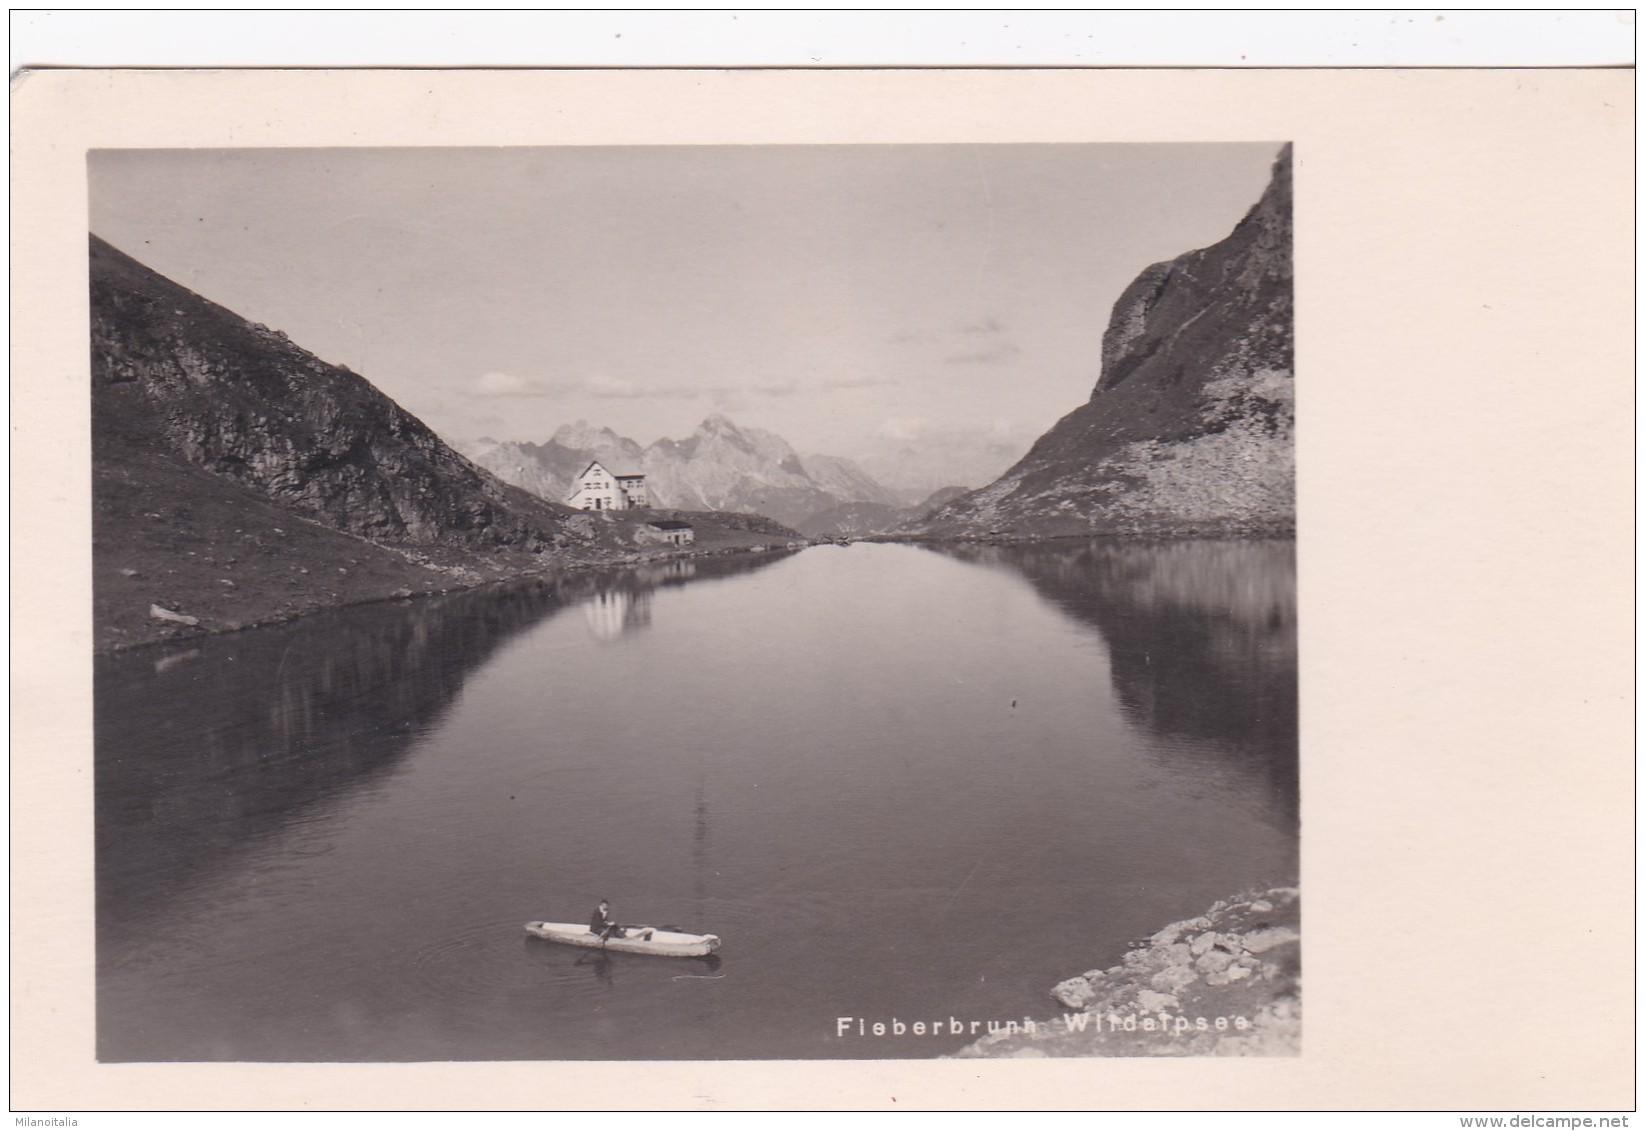 Fieberbrunn - Wildalpsee * 1953 - Fieberbrunn